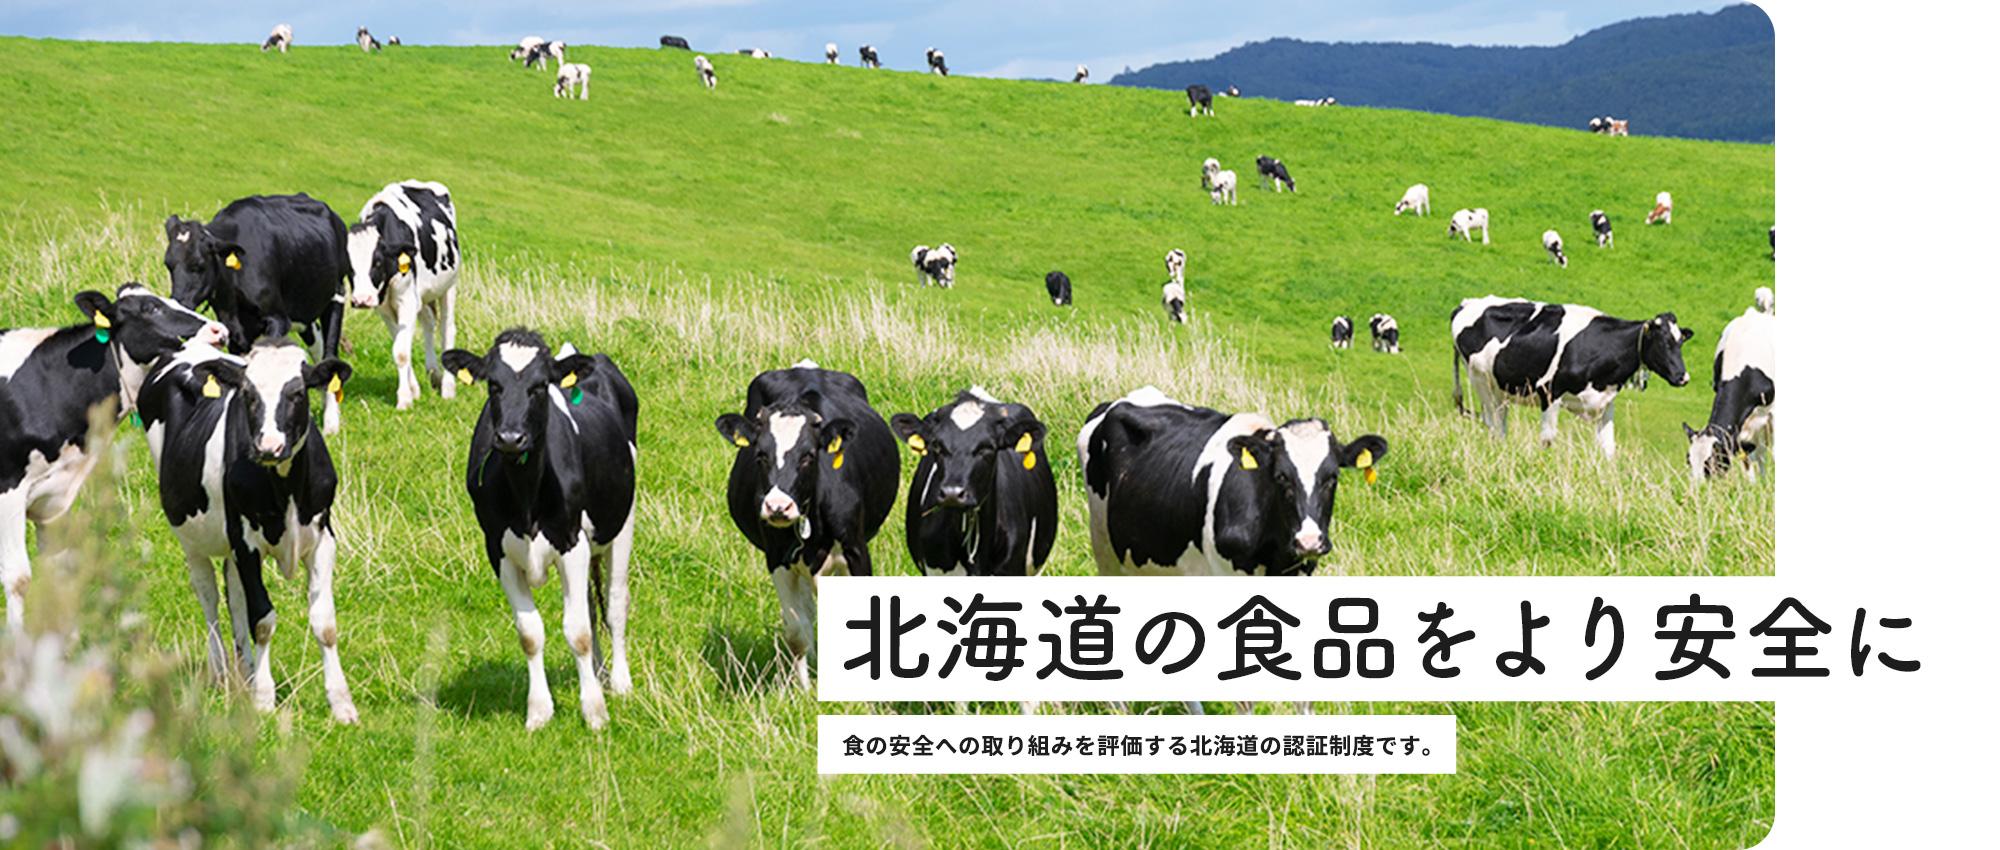 北海道の食品をより安全に